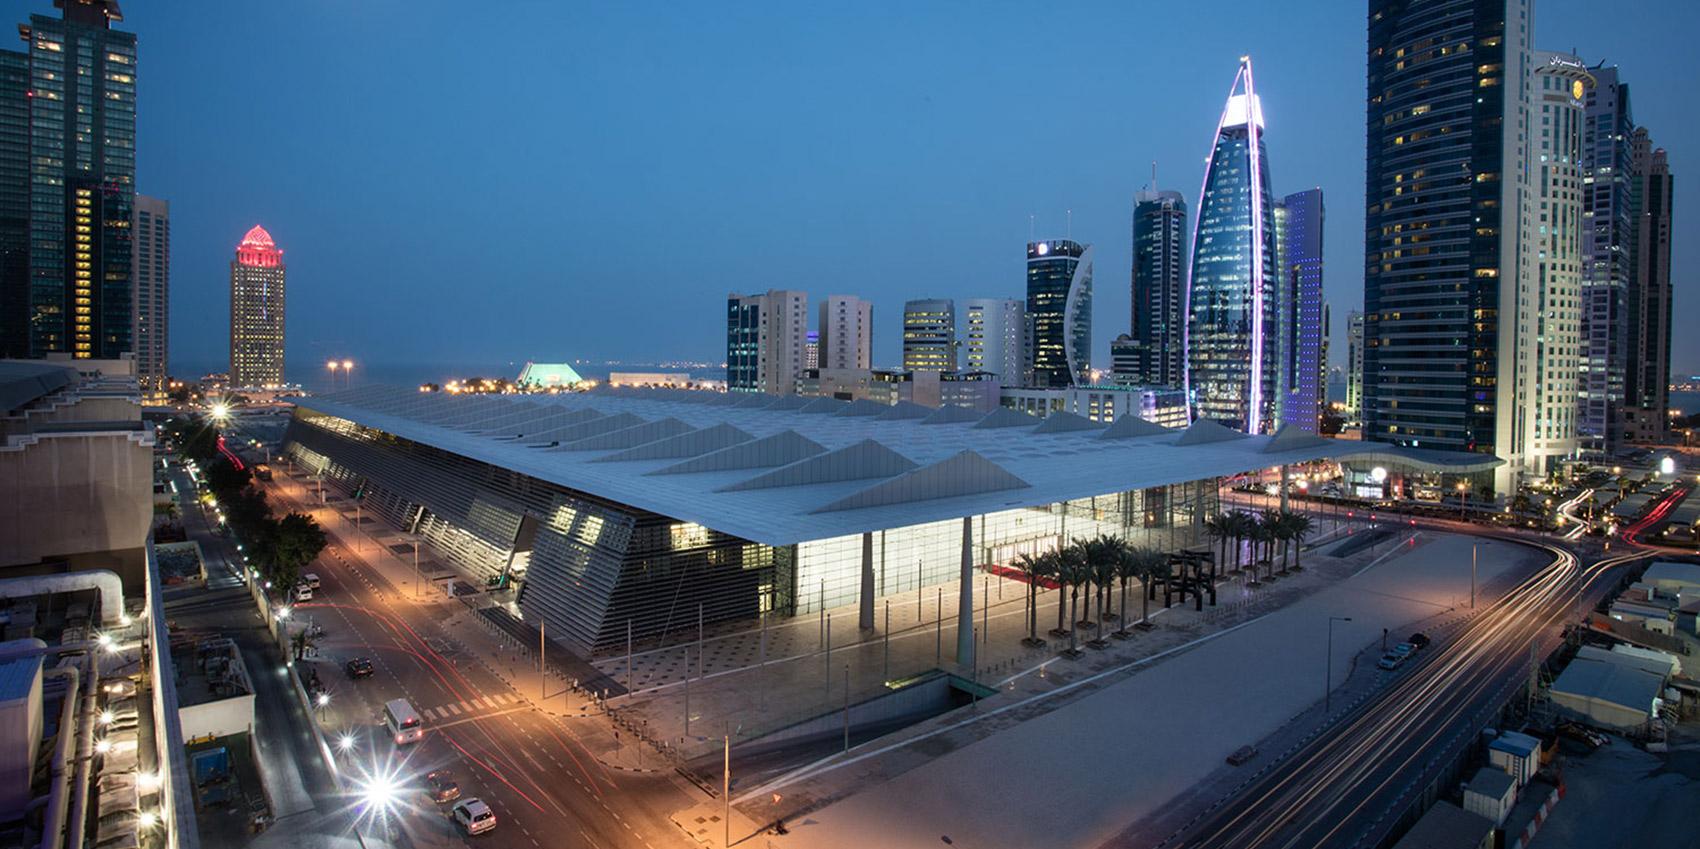 Doha Exhibition Center